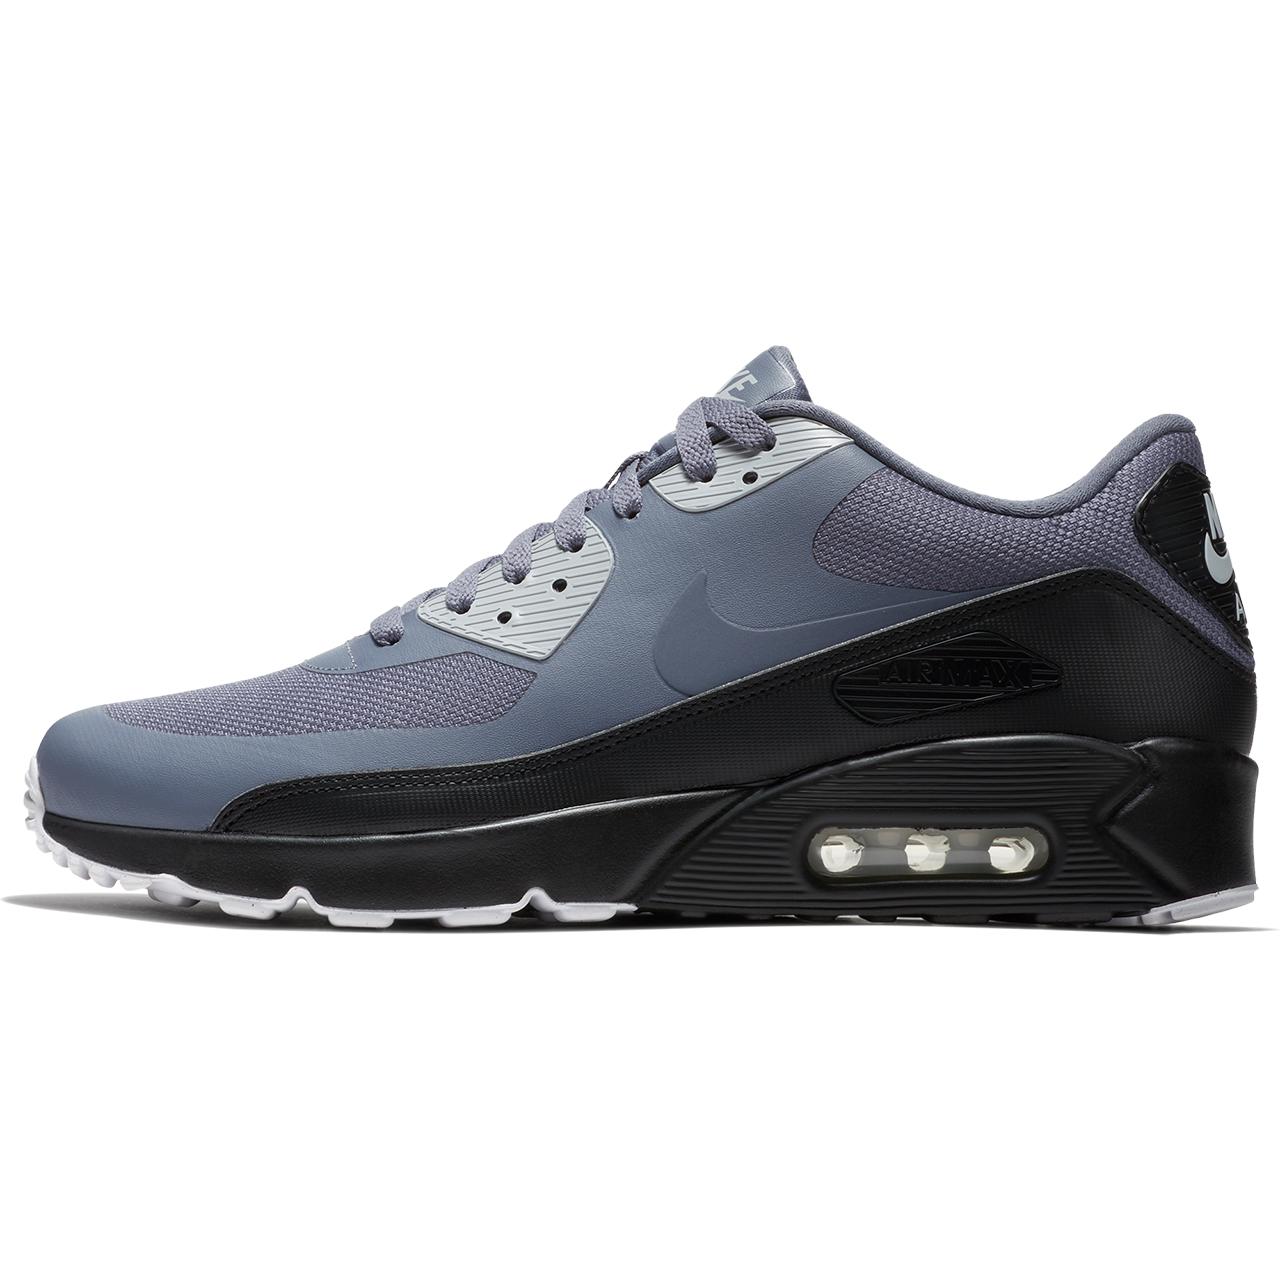 قیمت کفش ورزشی مردانه نایکی مدل Air Max 90 Ultra 2.0 Essential